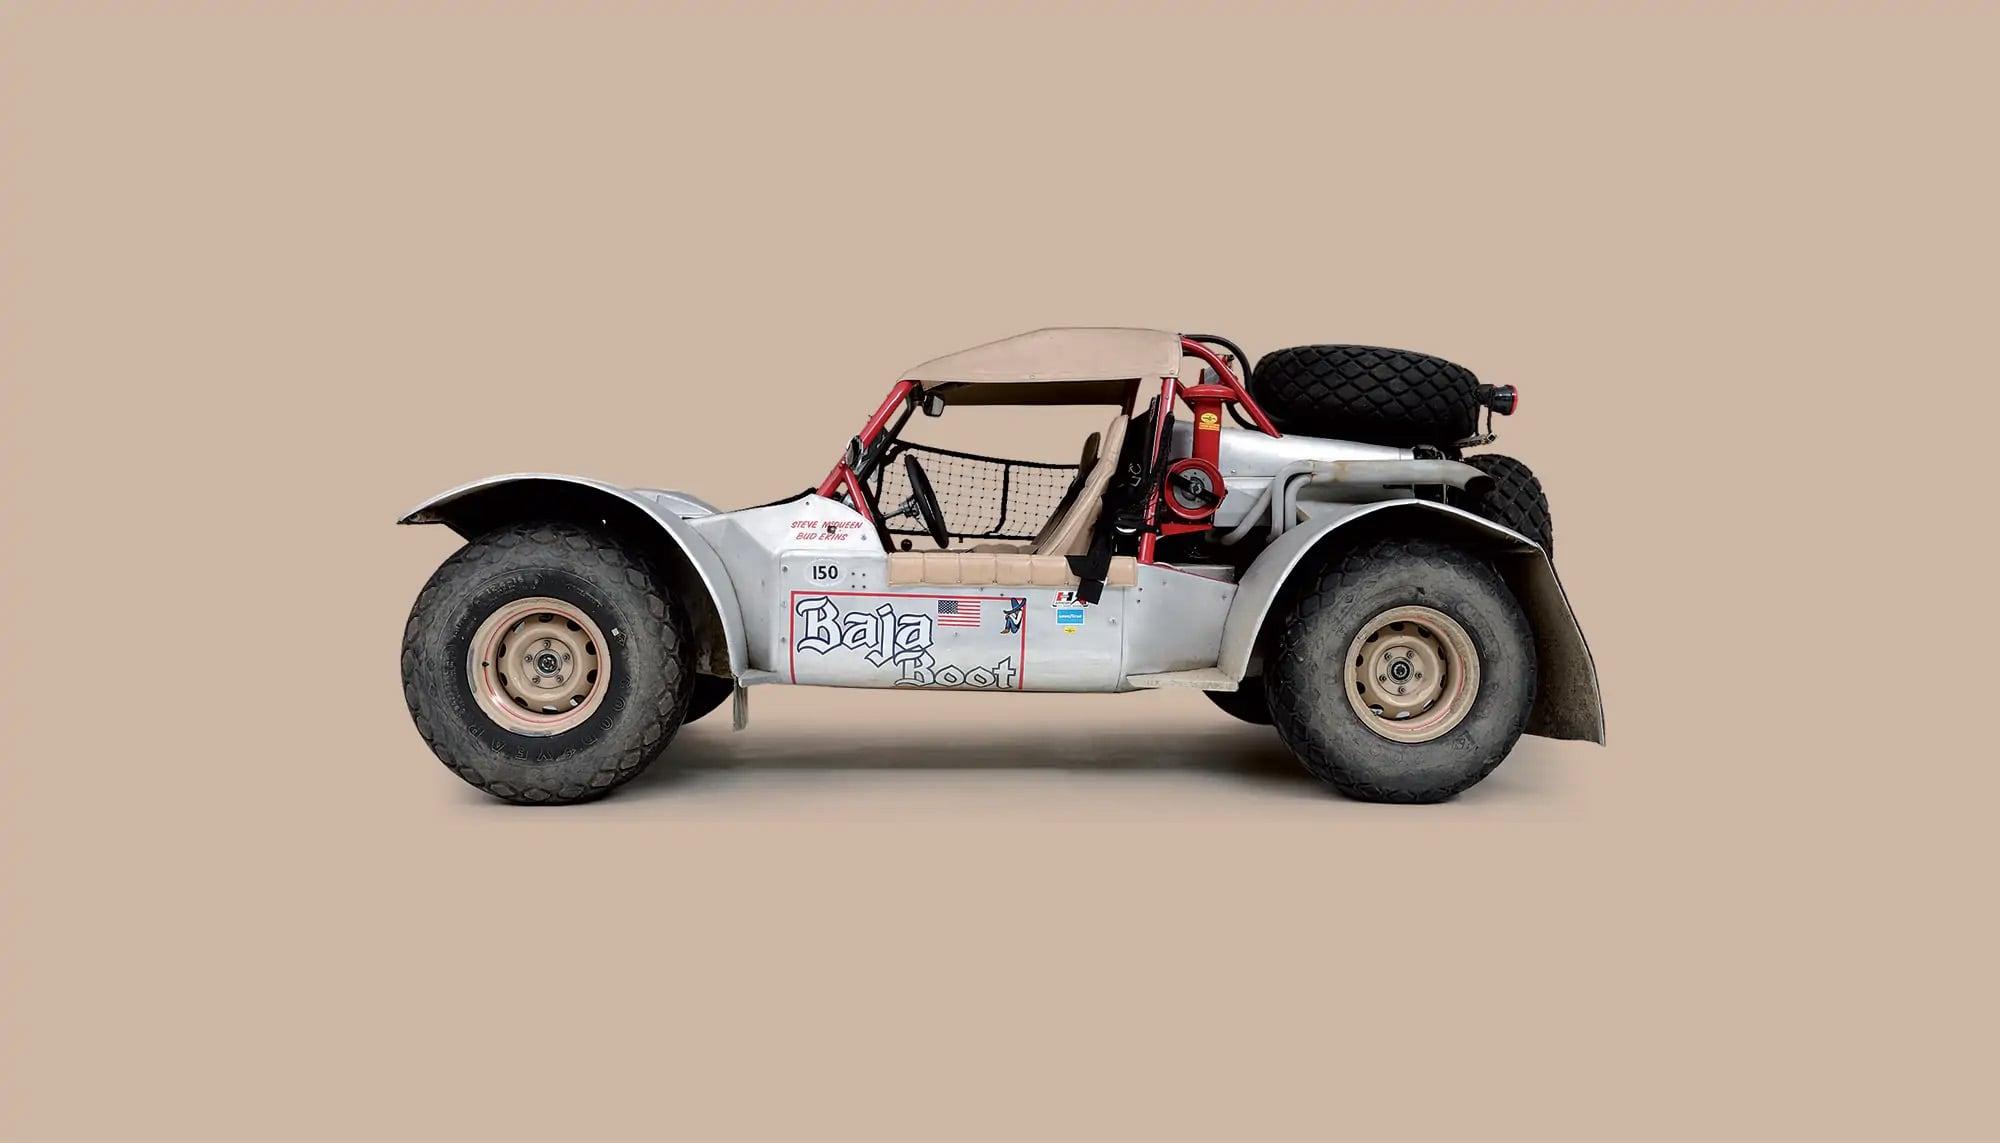 Bekijk Baja Boot Buggy in het Louwman Museum